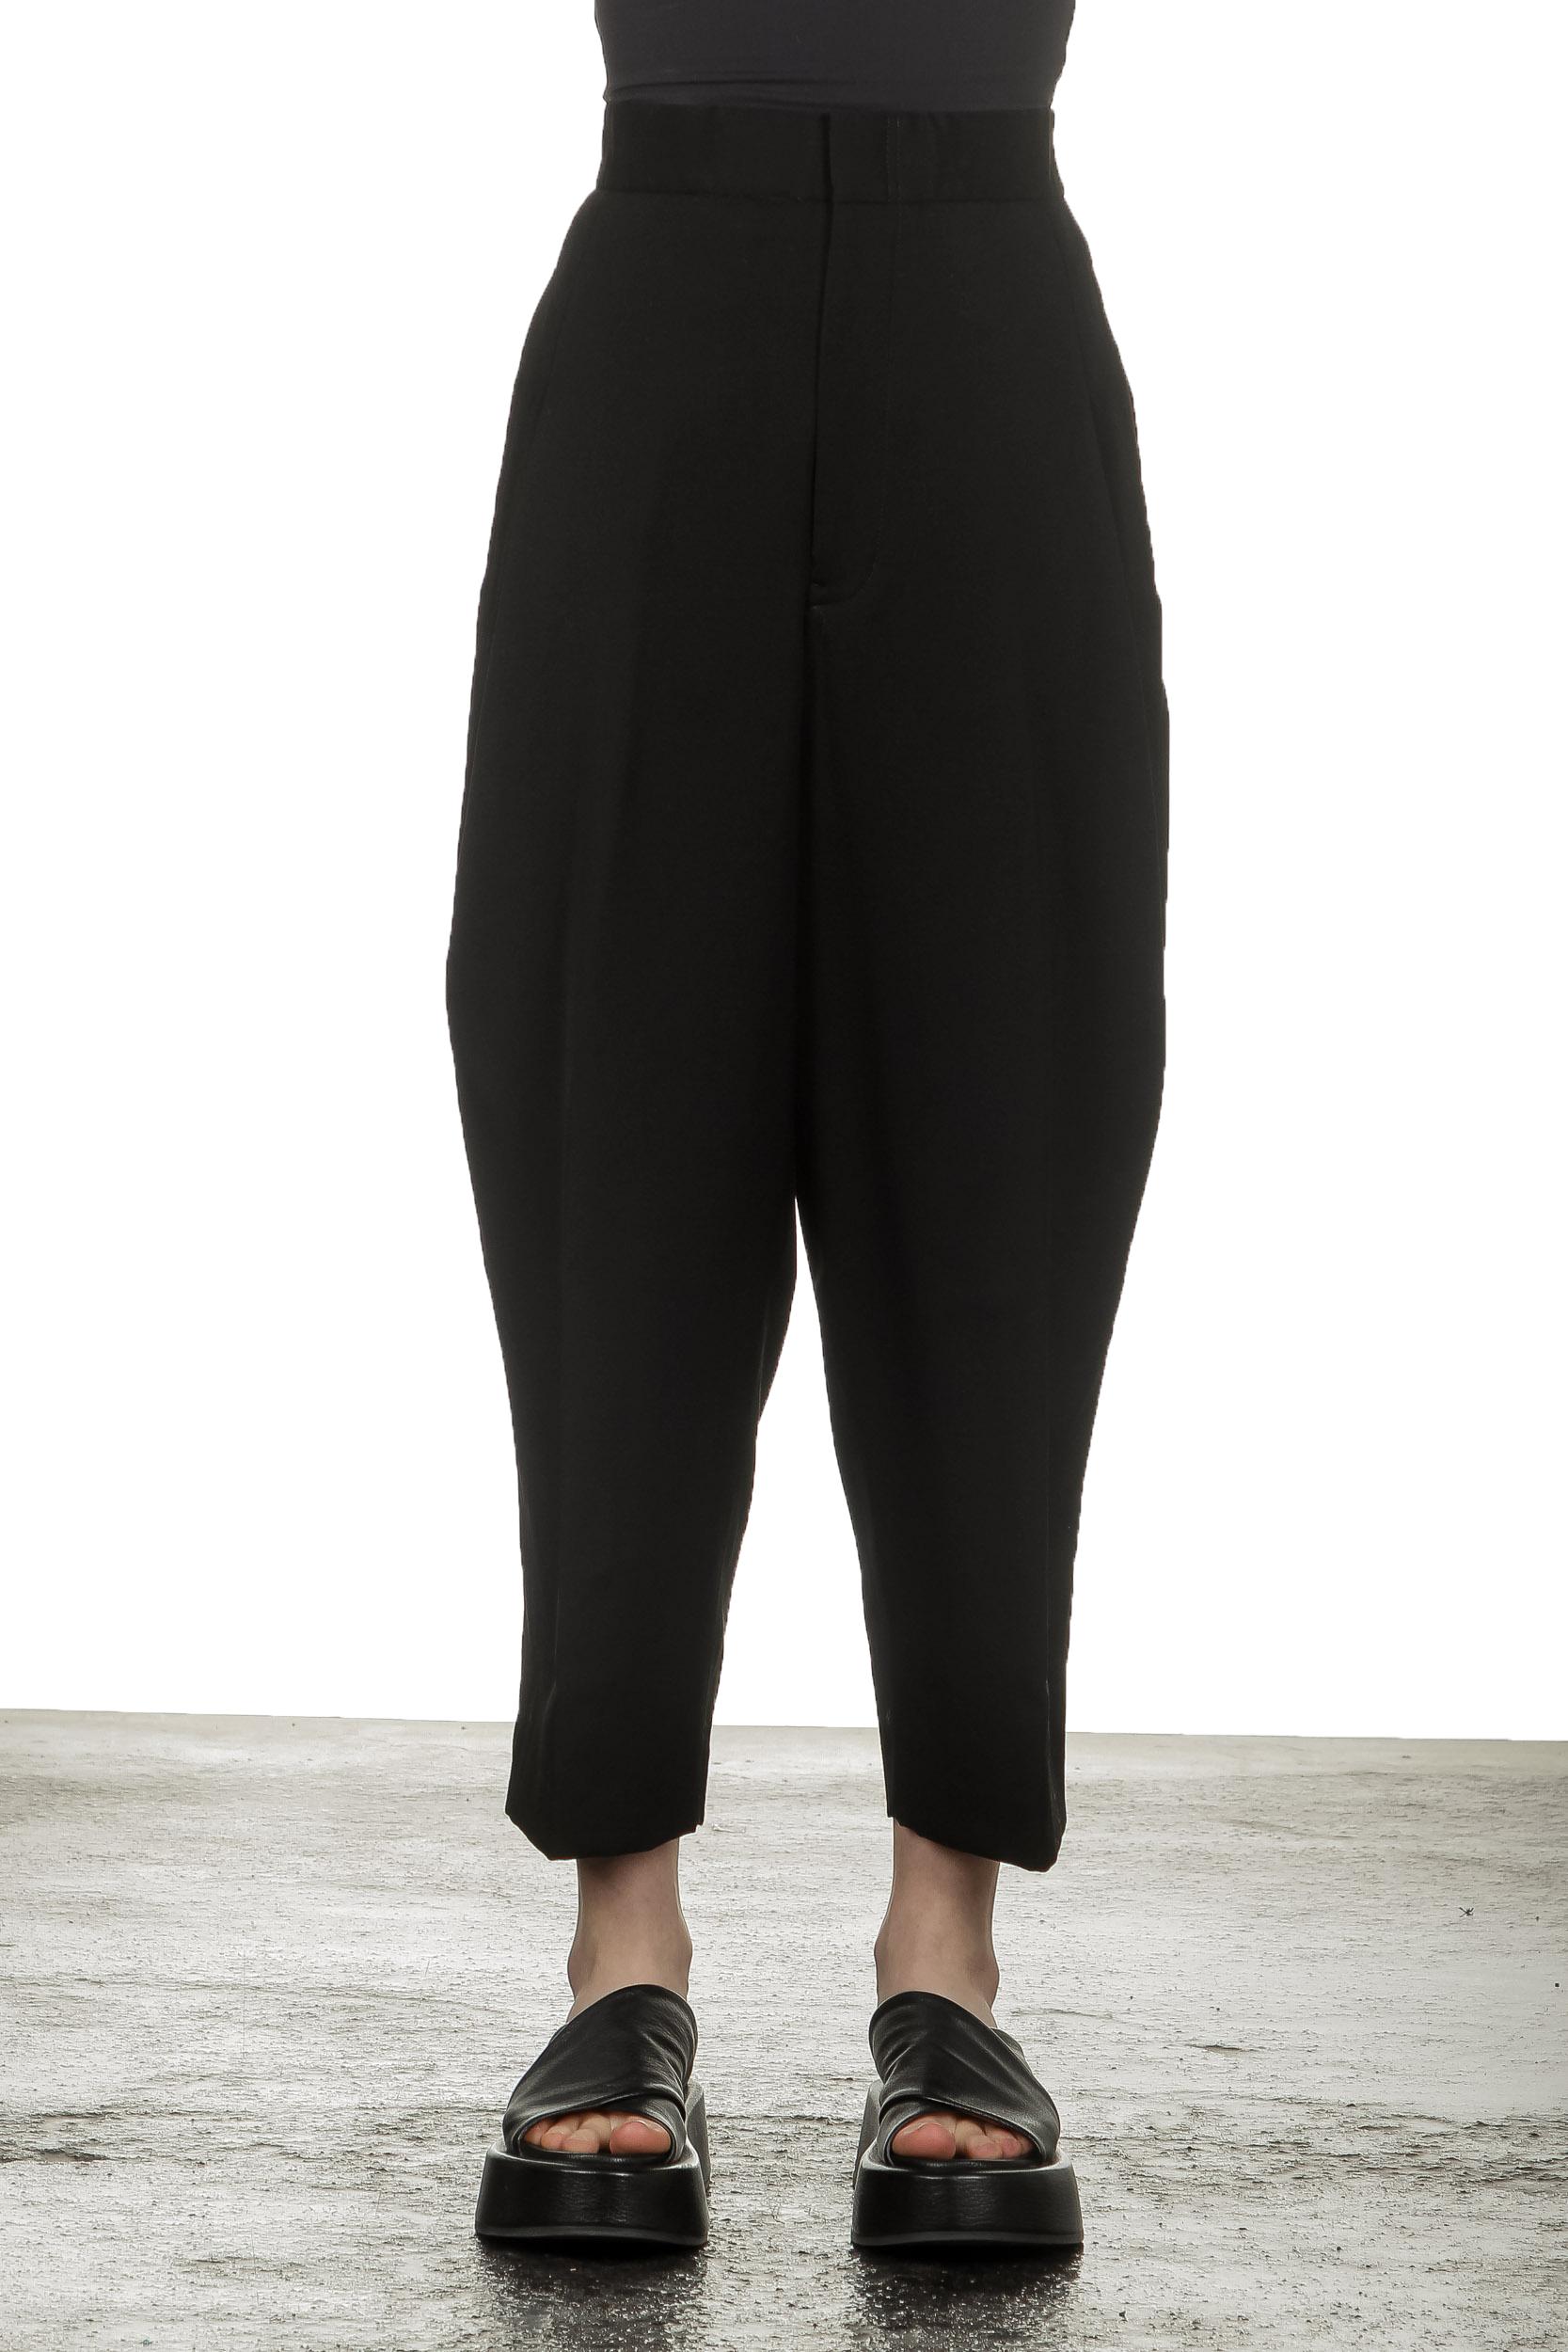 Hosen - Y's Yohji Yamamoto Damen 7 8 Hose mit elastischem Bund schwarz  - Onlineshop Luxury Loft